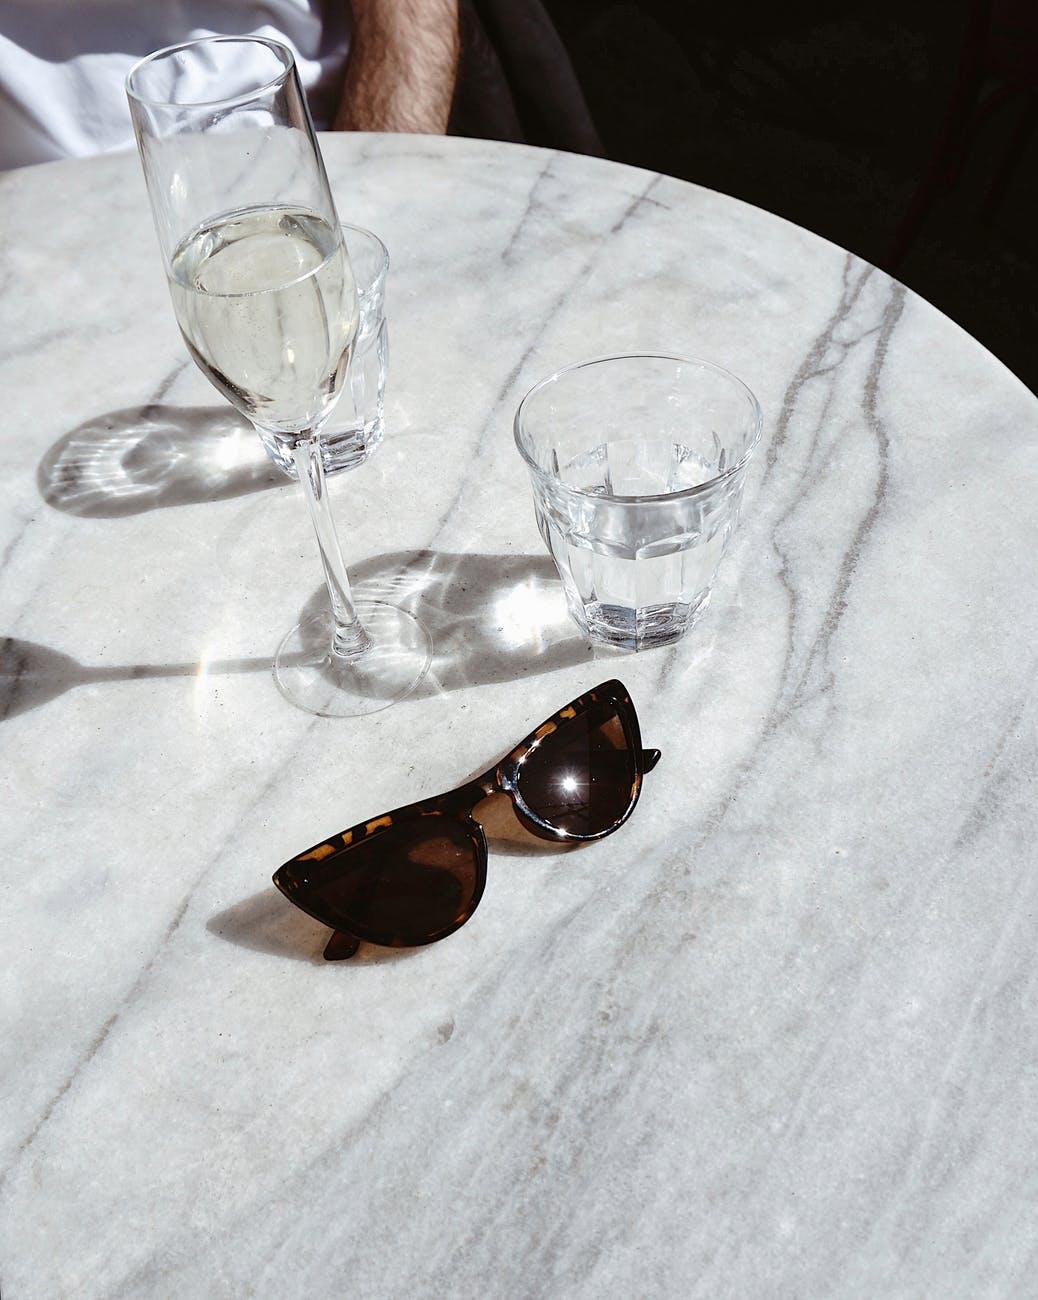 Tác hại của rượu-Mắt kính và ly nước.